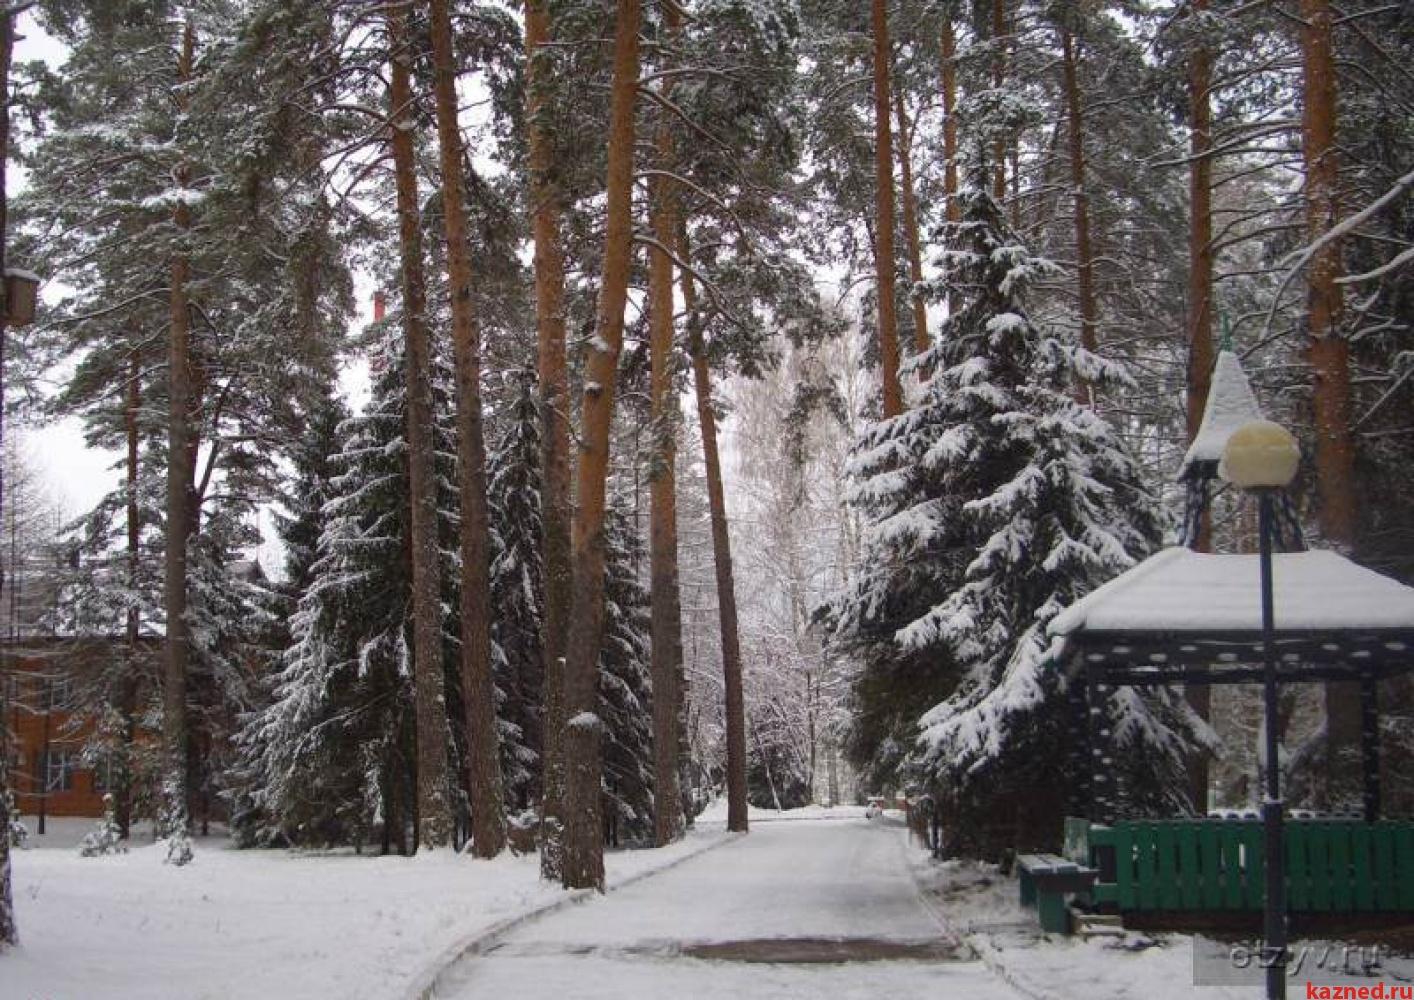 Земельный участок в поселке Васильево (20 км от Казани) в хвойном лесу (миниатюра №2)